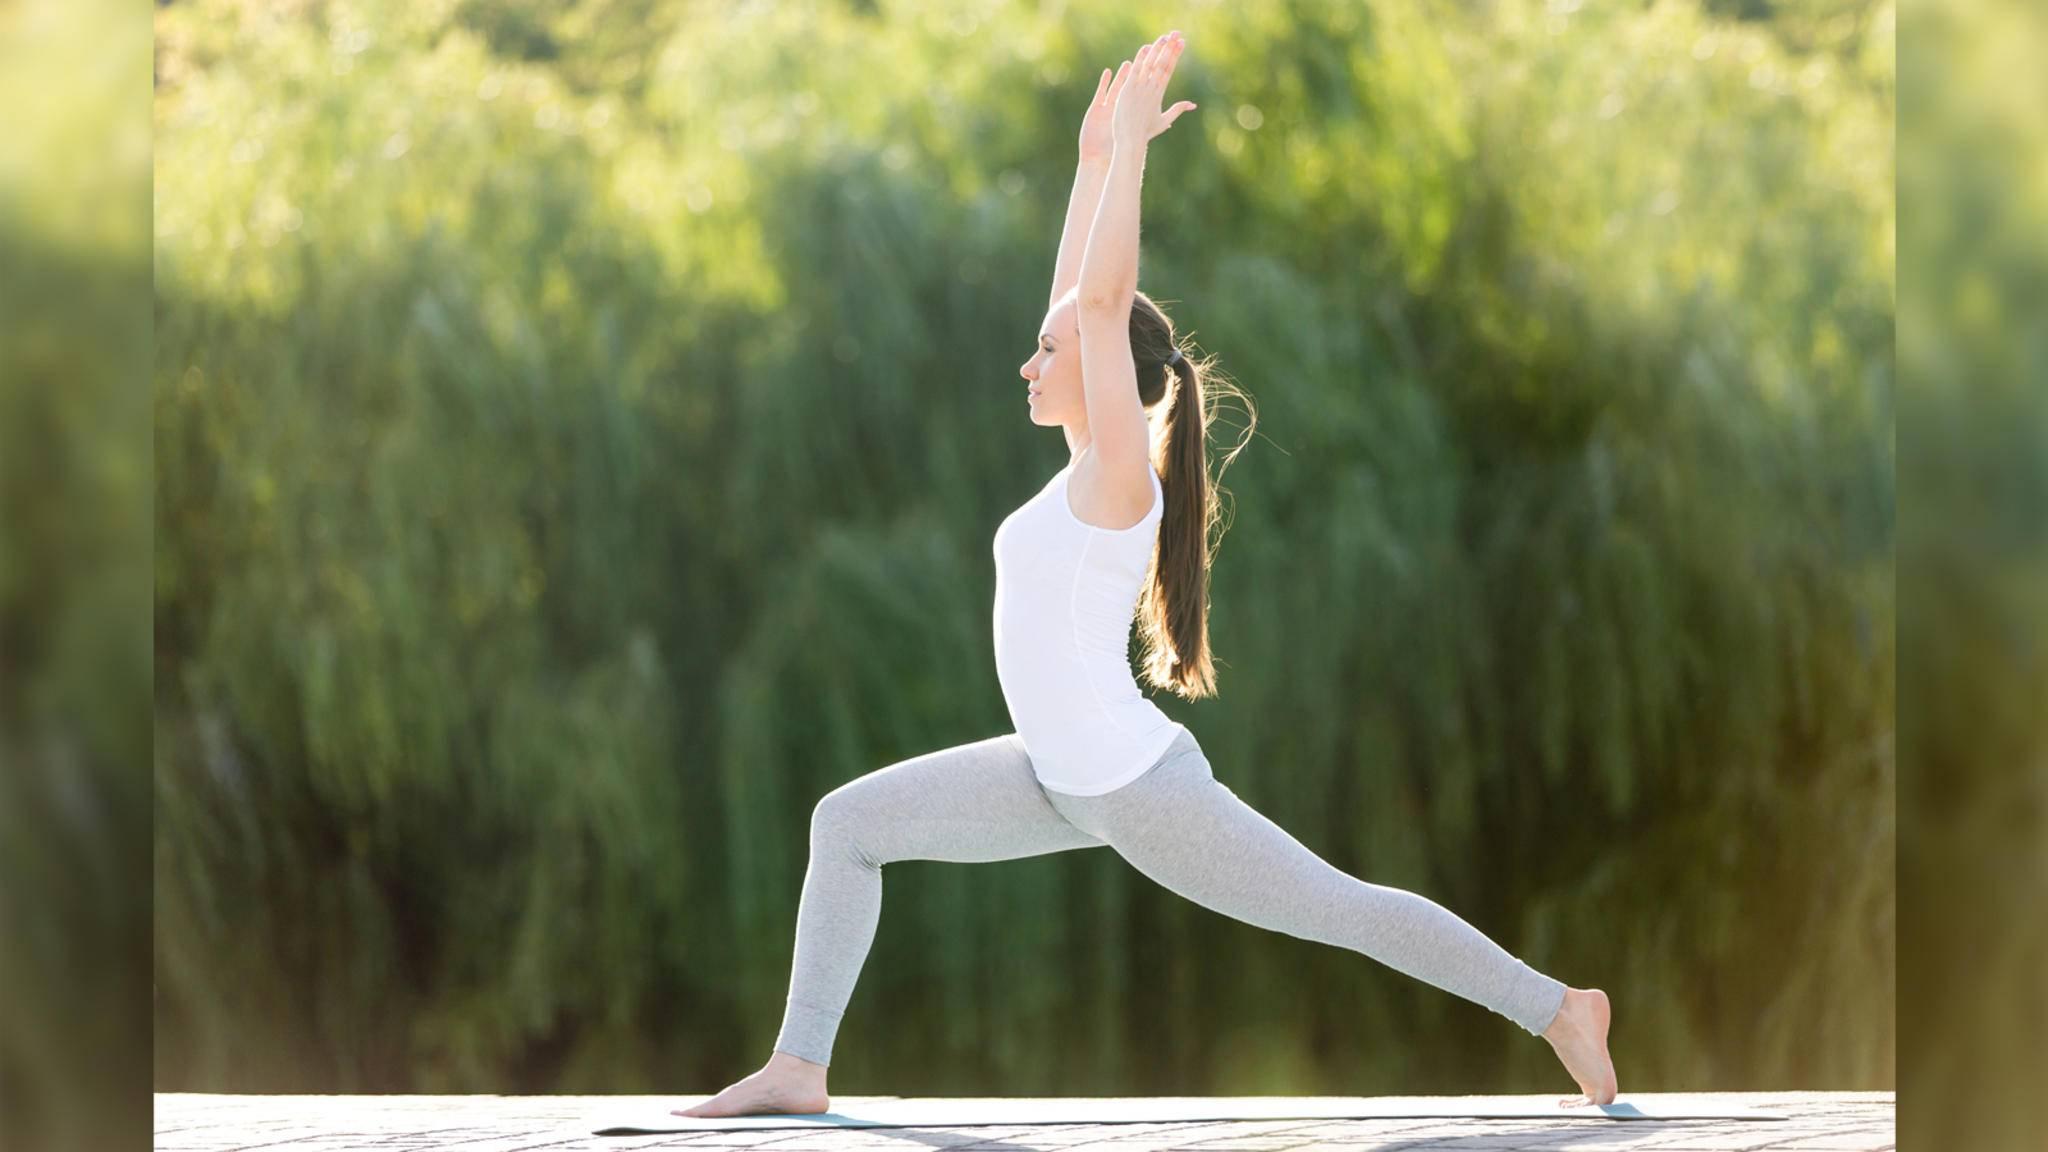 Der Ausfallschritt ist eine der besten Übungen für mehr Koordination und Gleichgewicht.